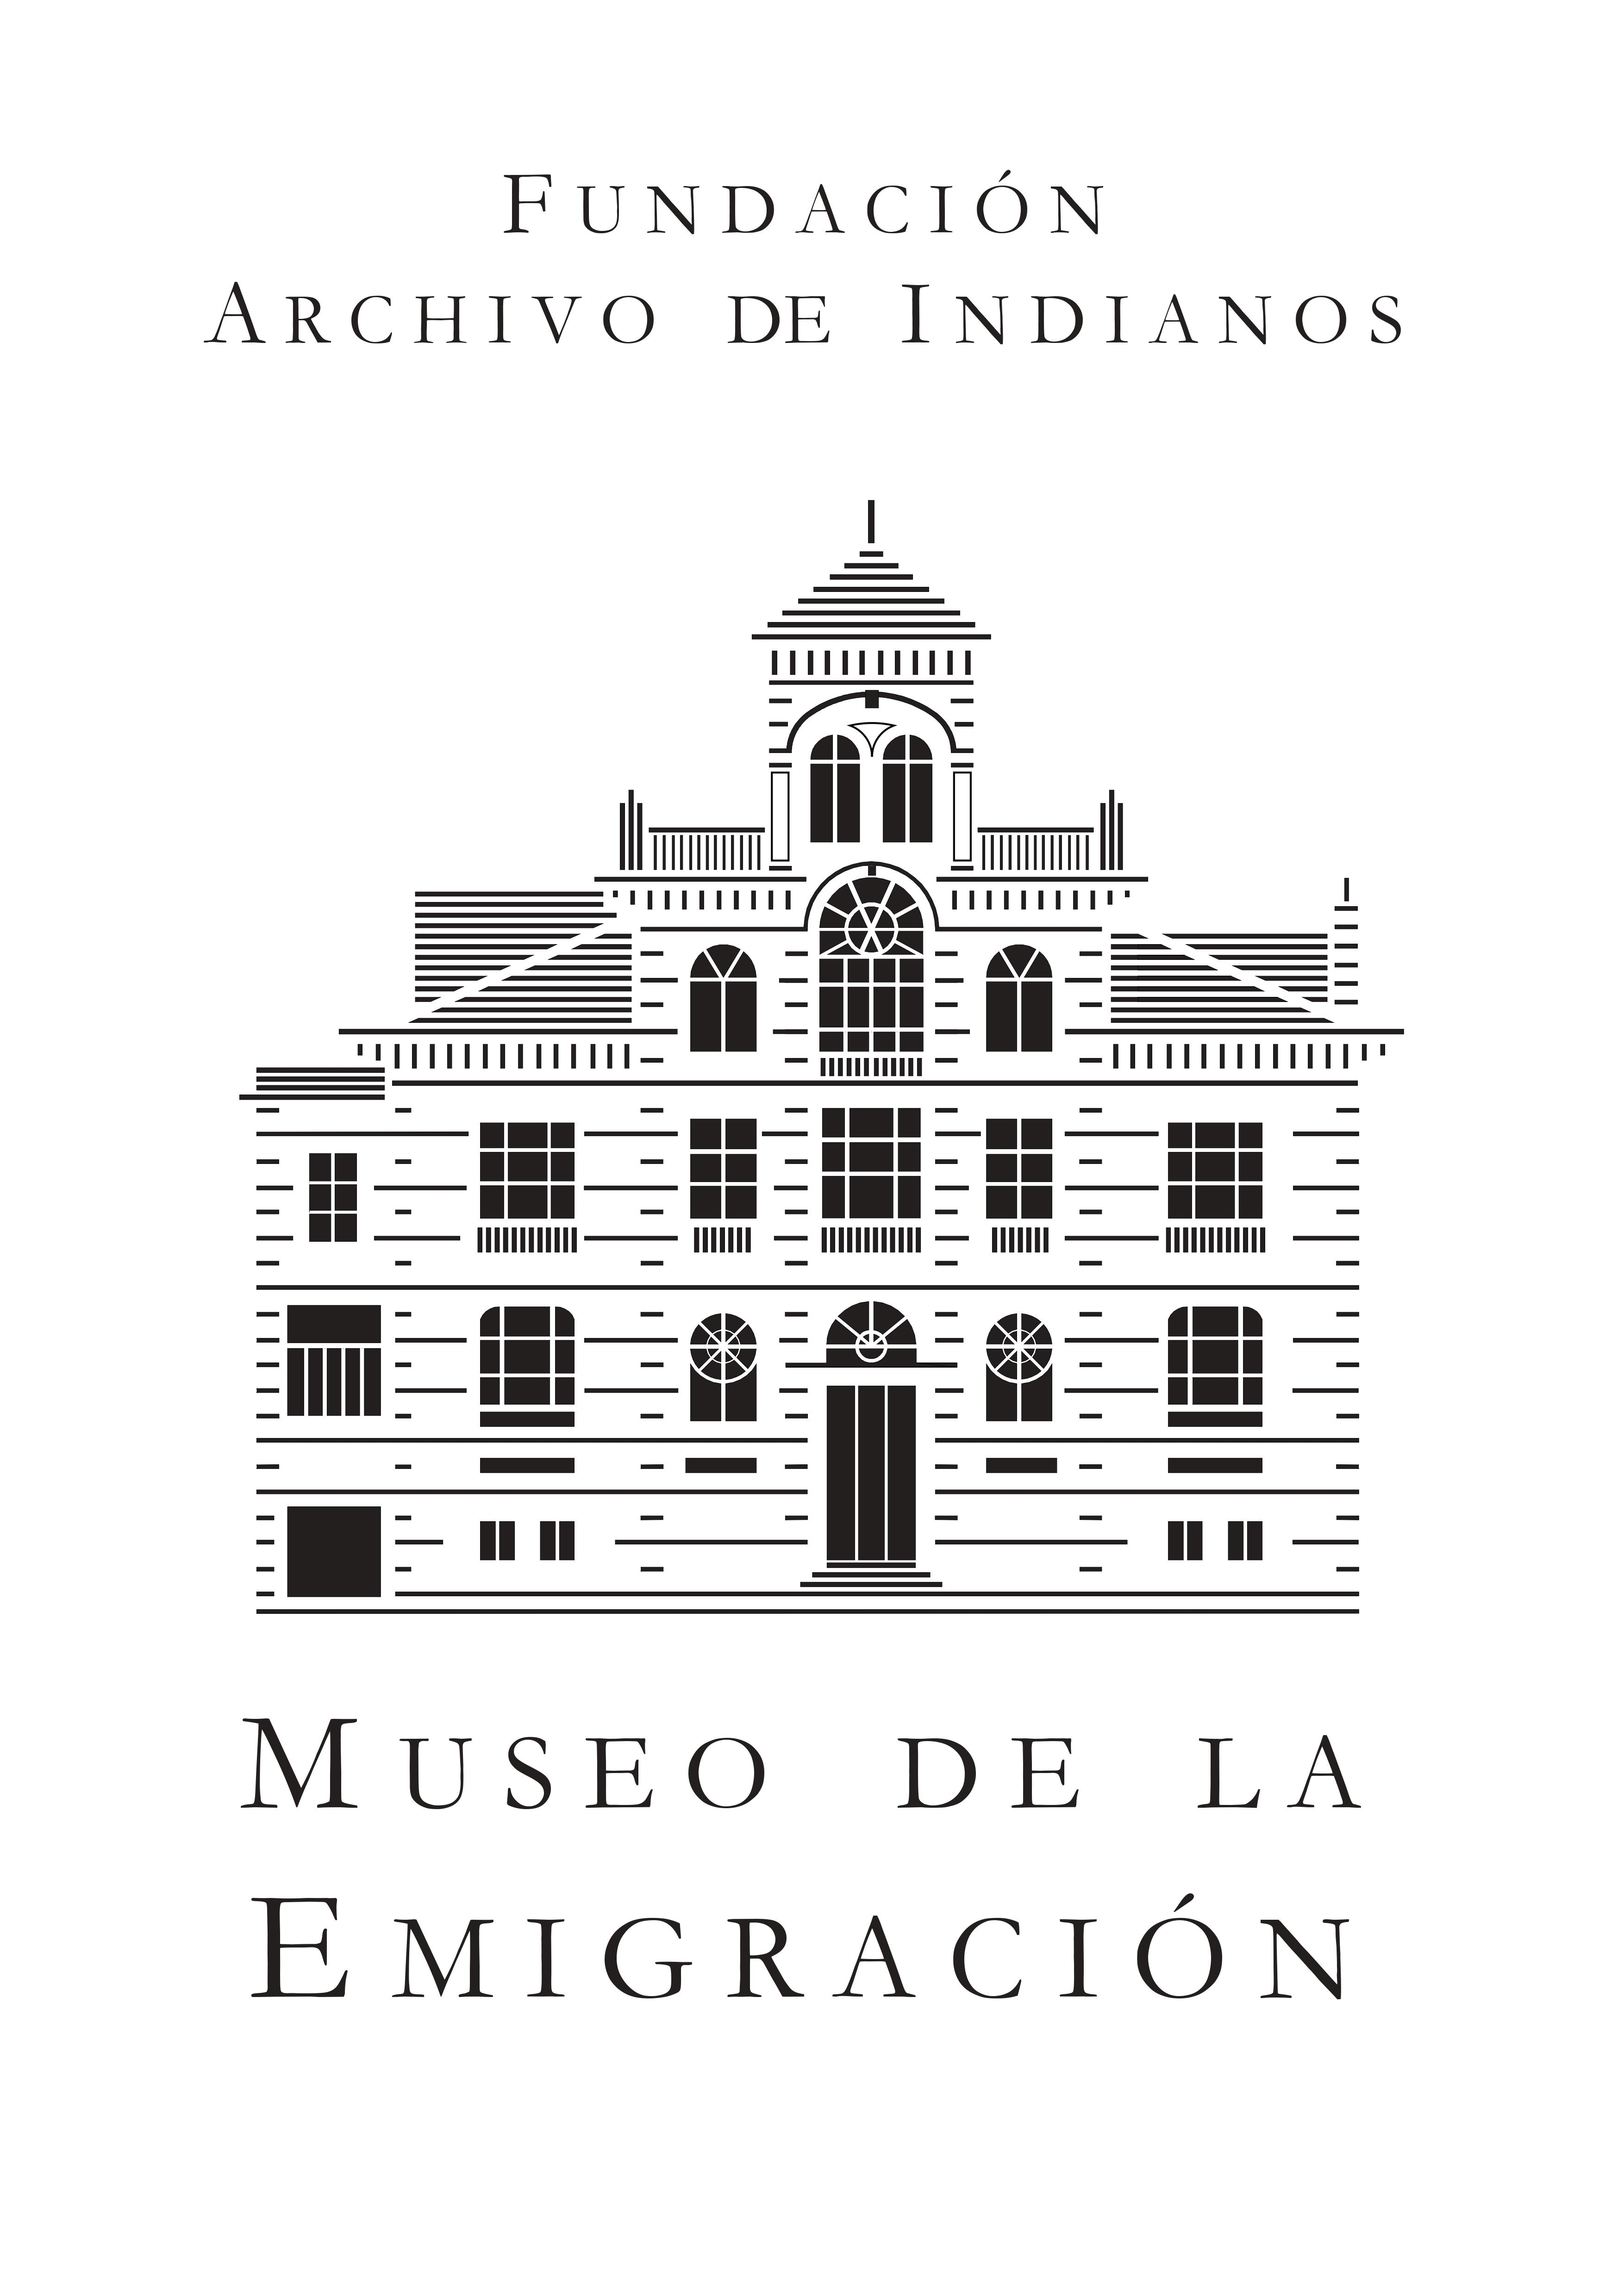 Fundación Archivo de Indianos